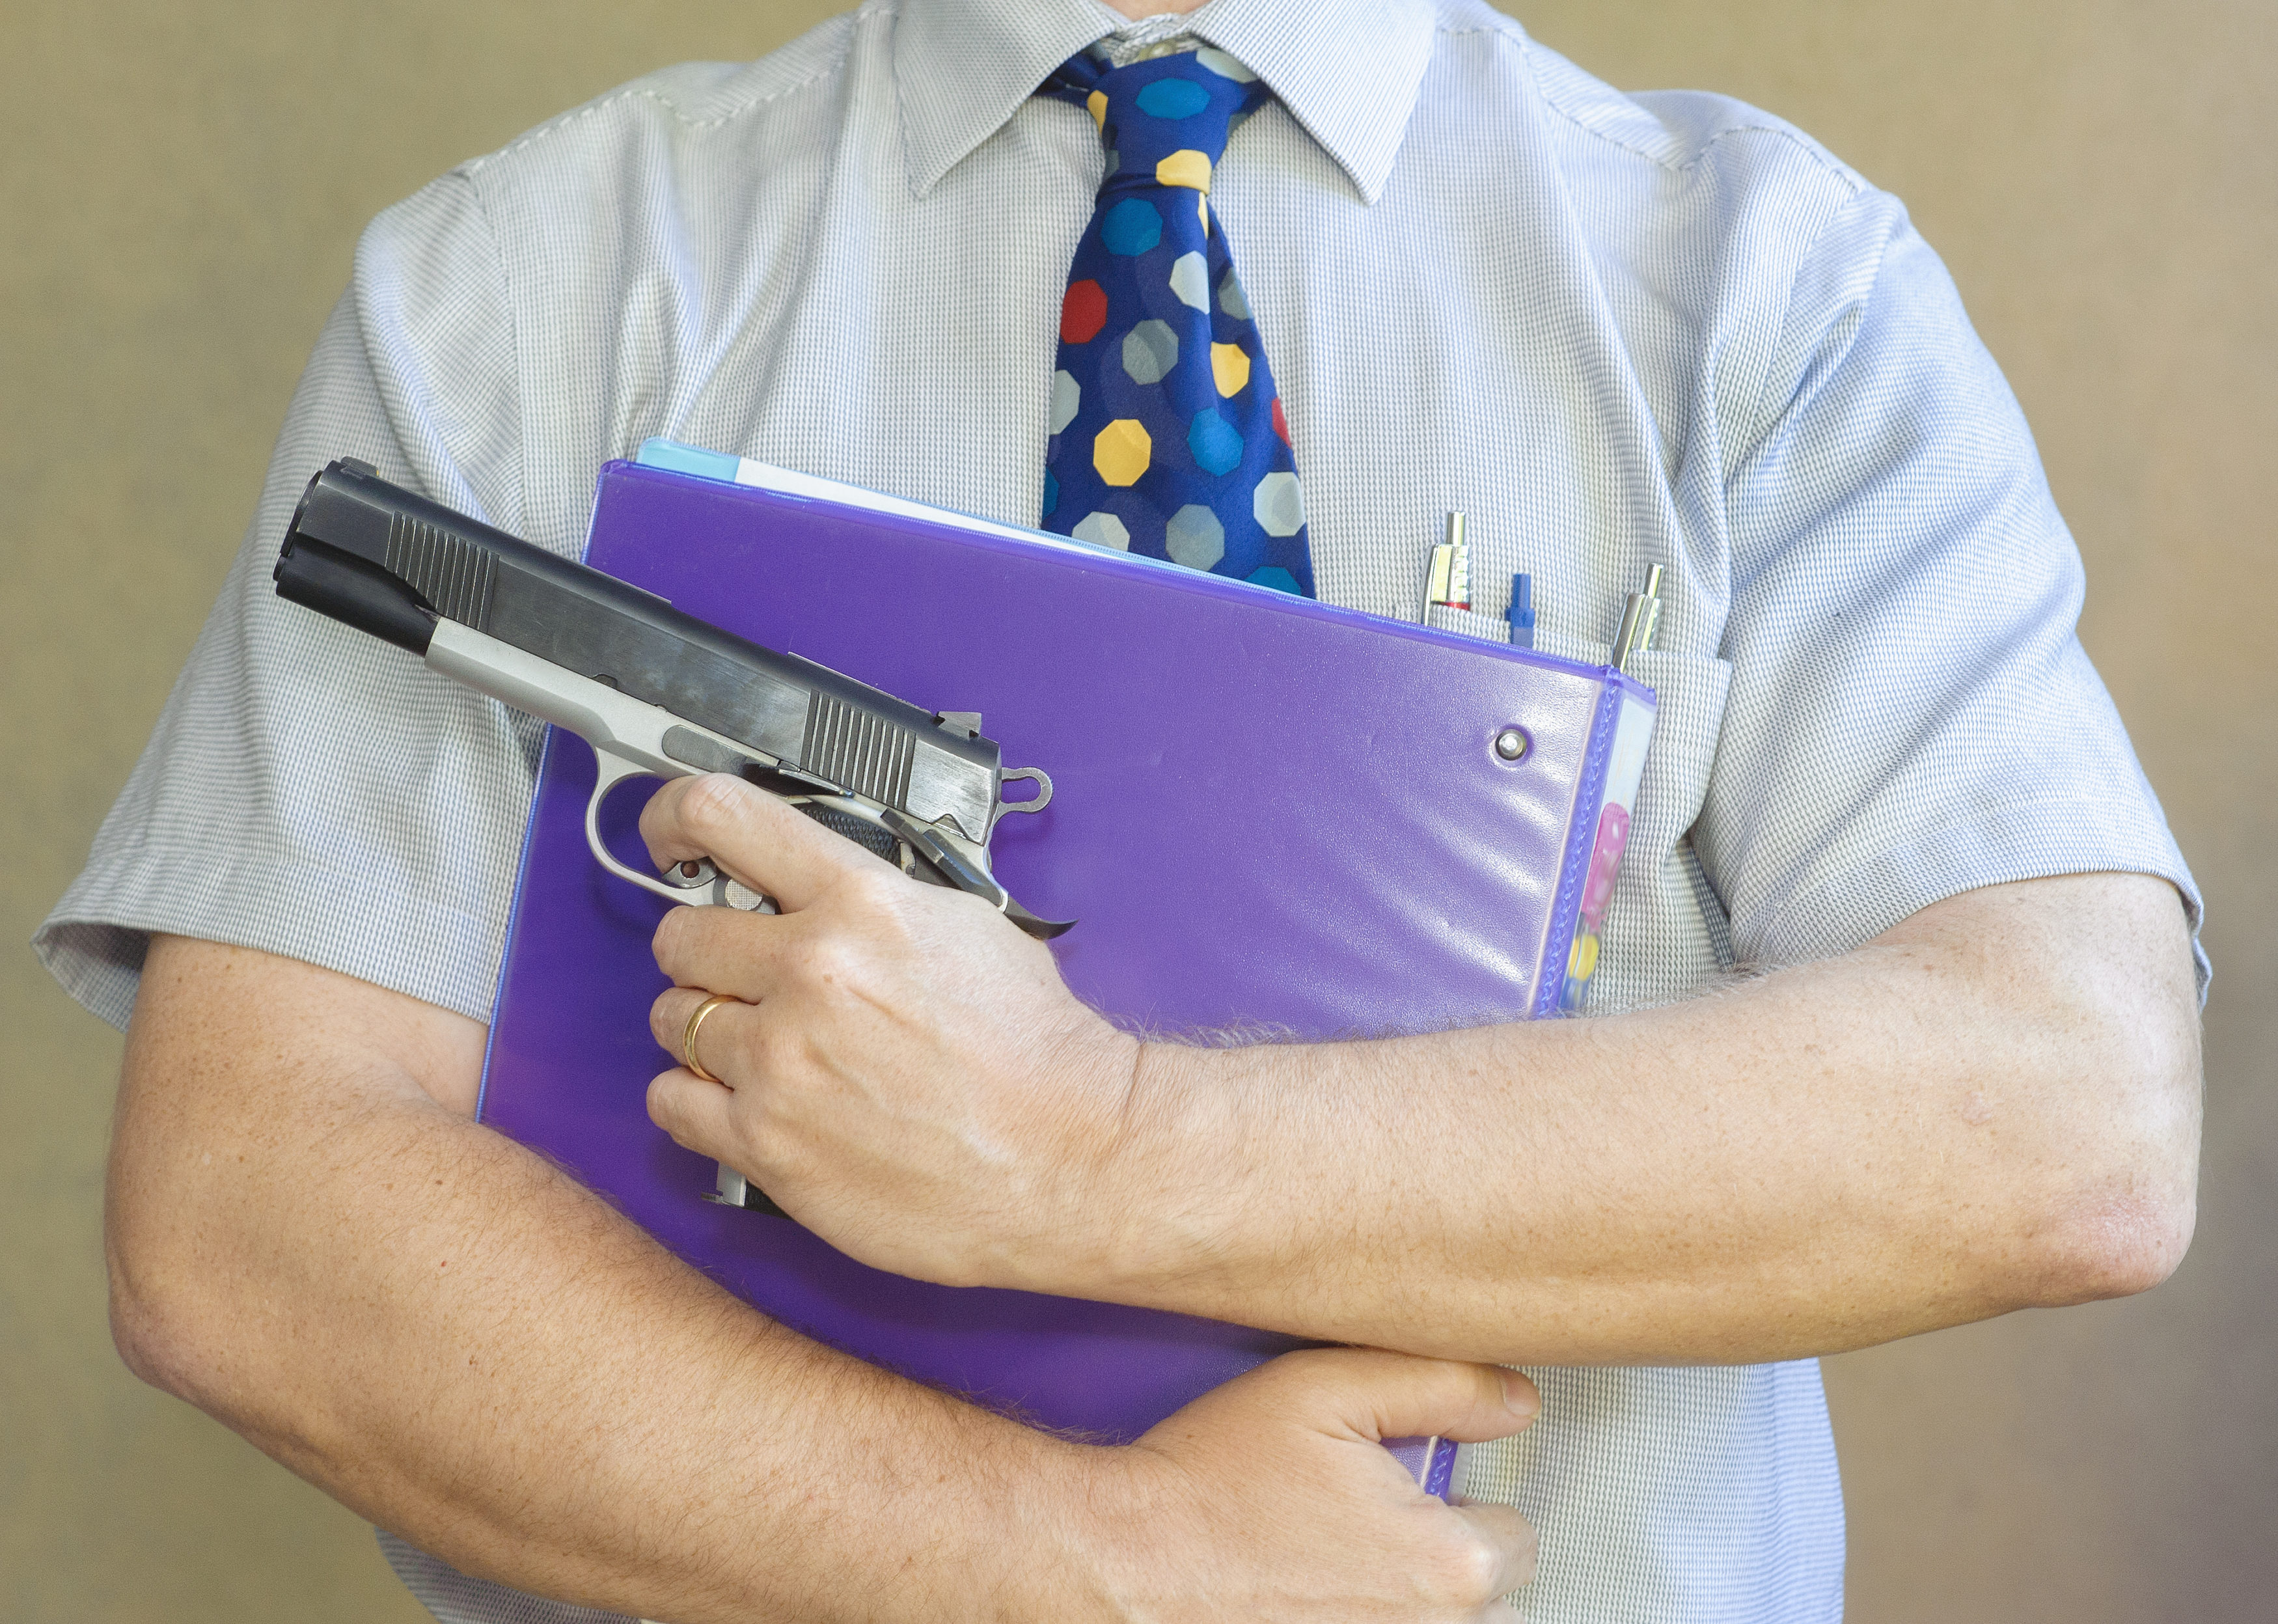 teacher-with-gun-3500x2495.jpeg